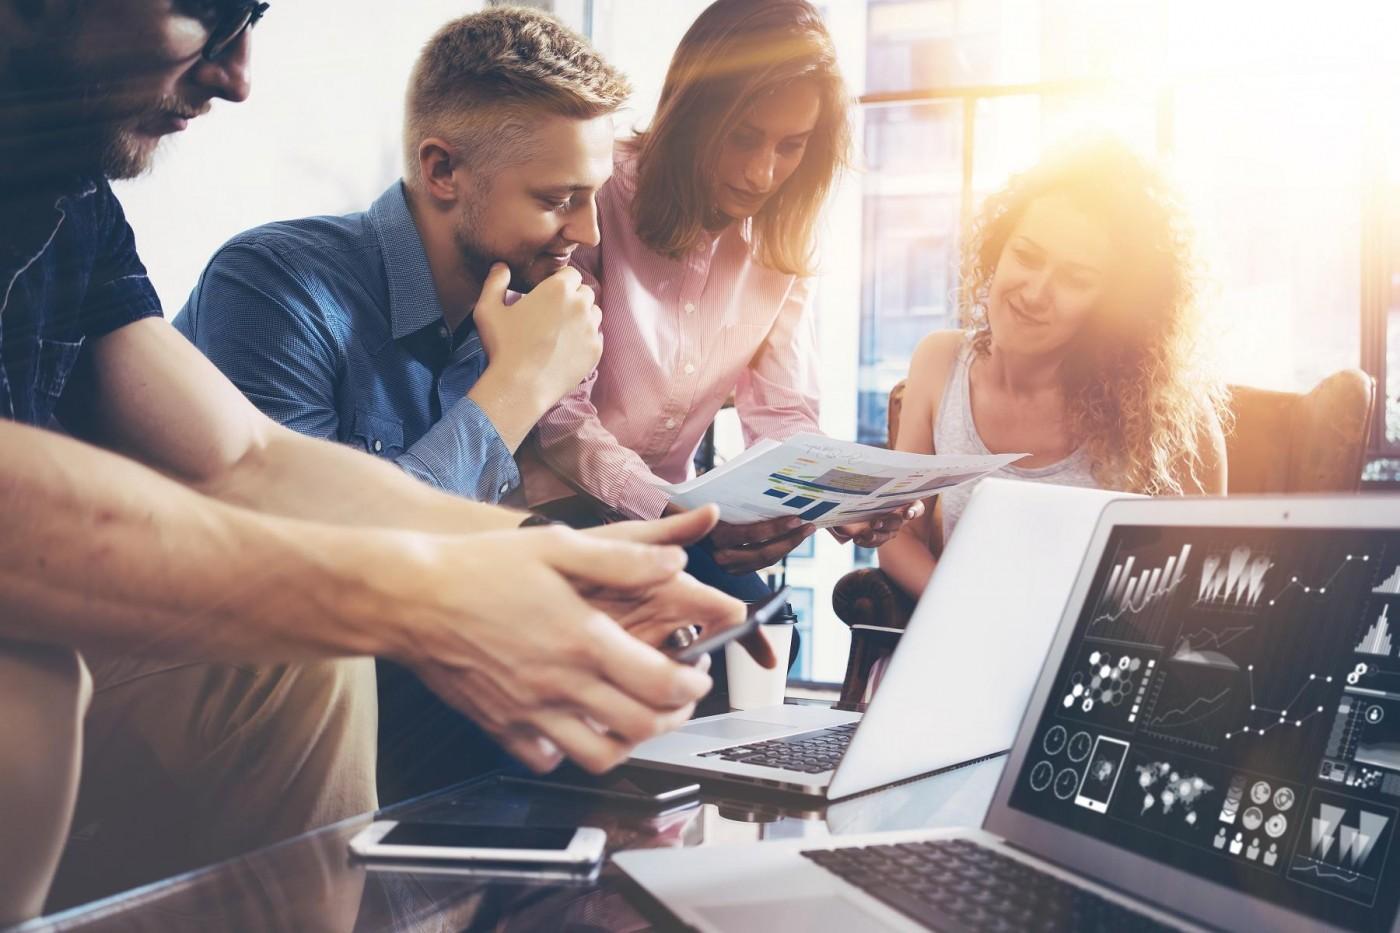 想創業,該如何寫投資說帖?